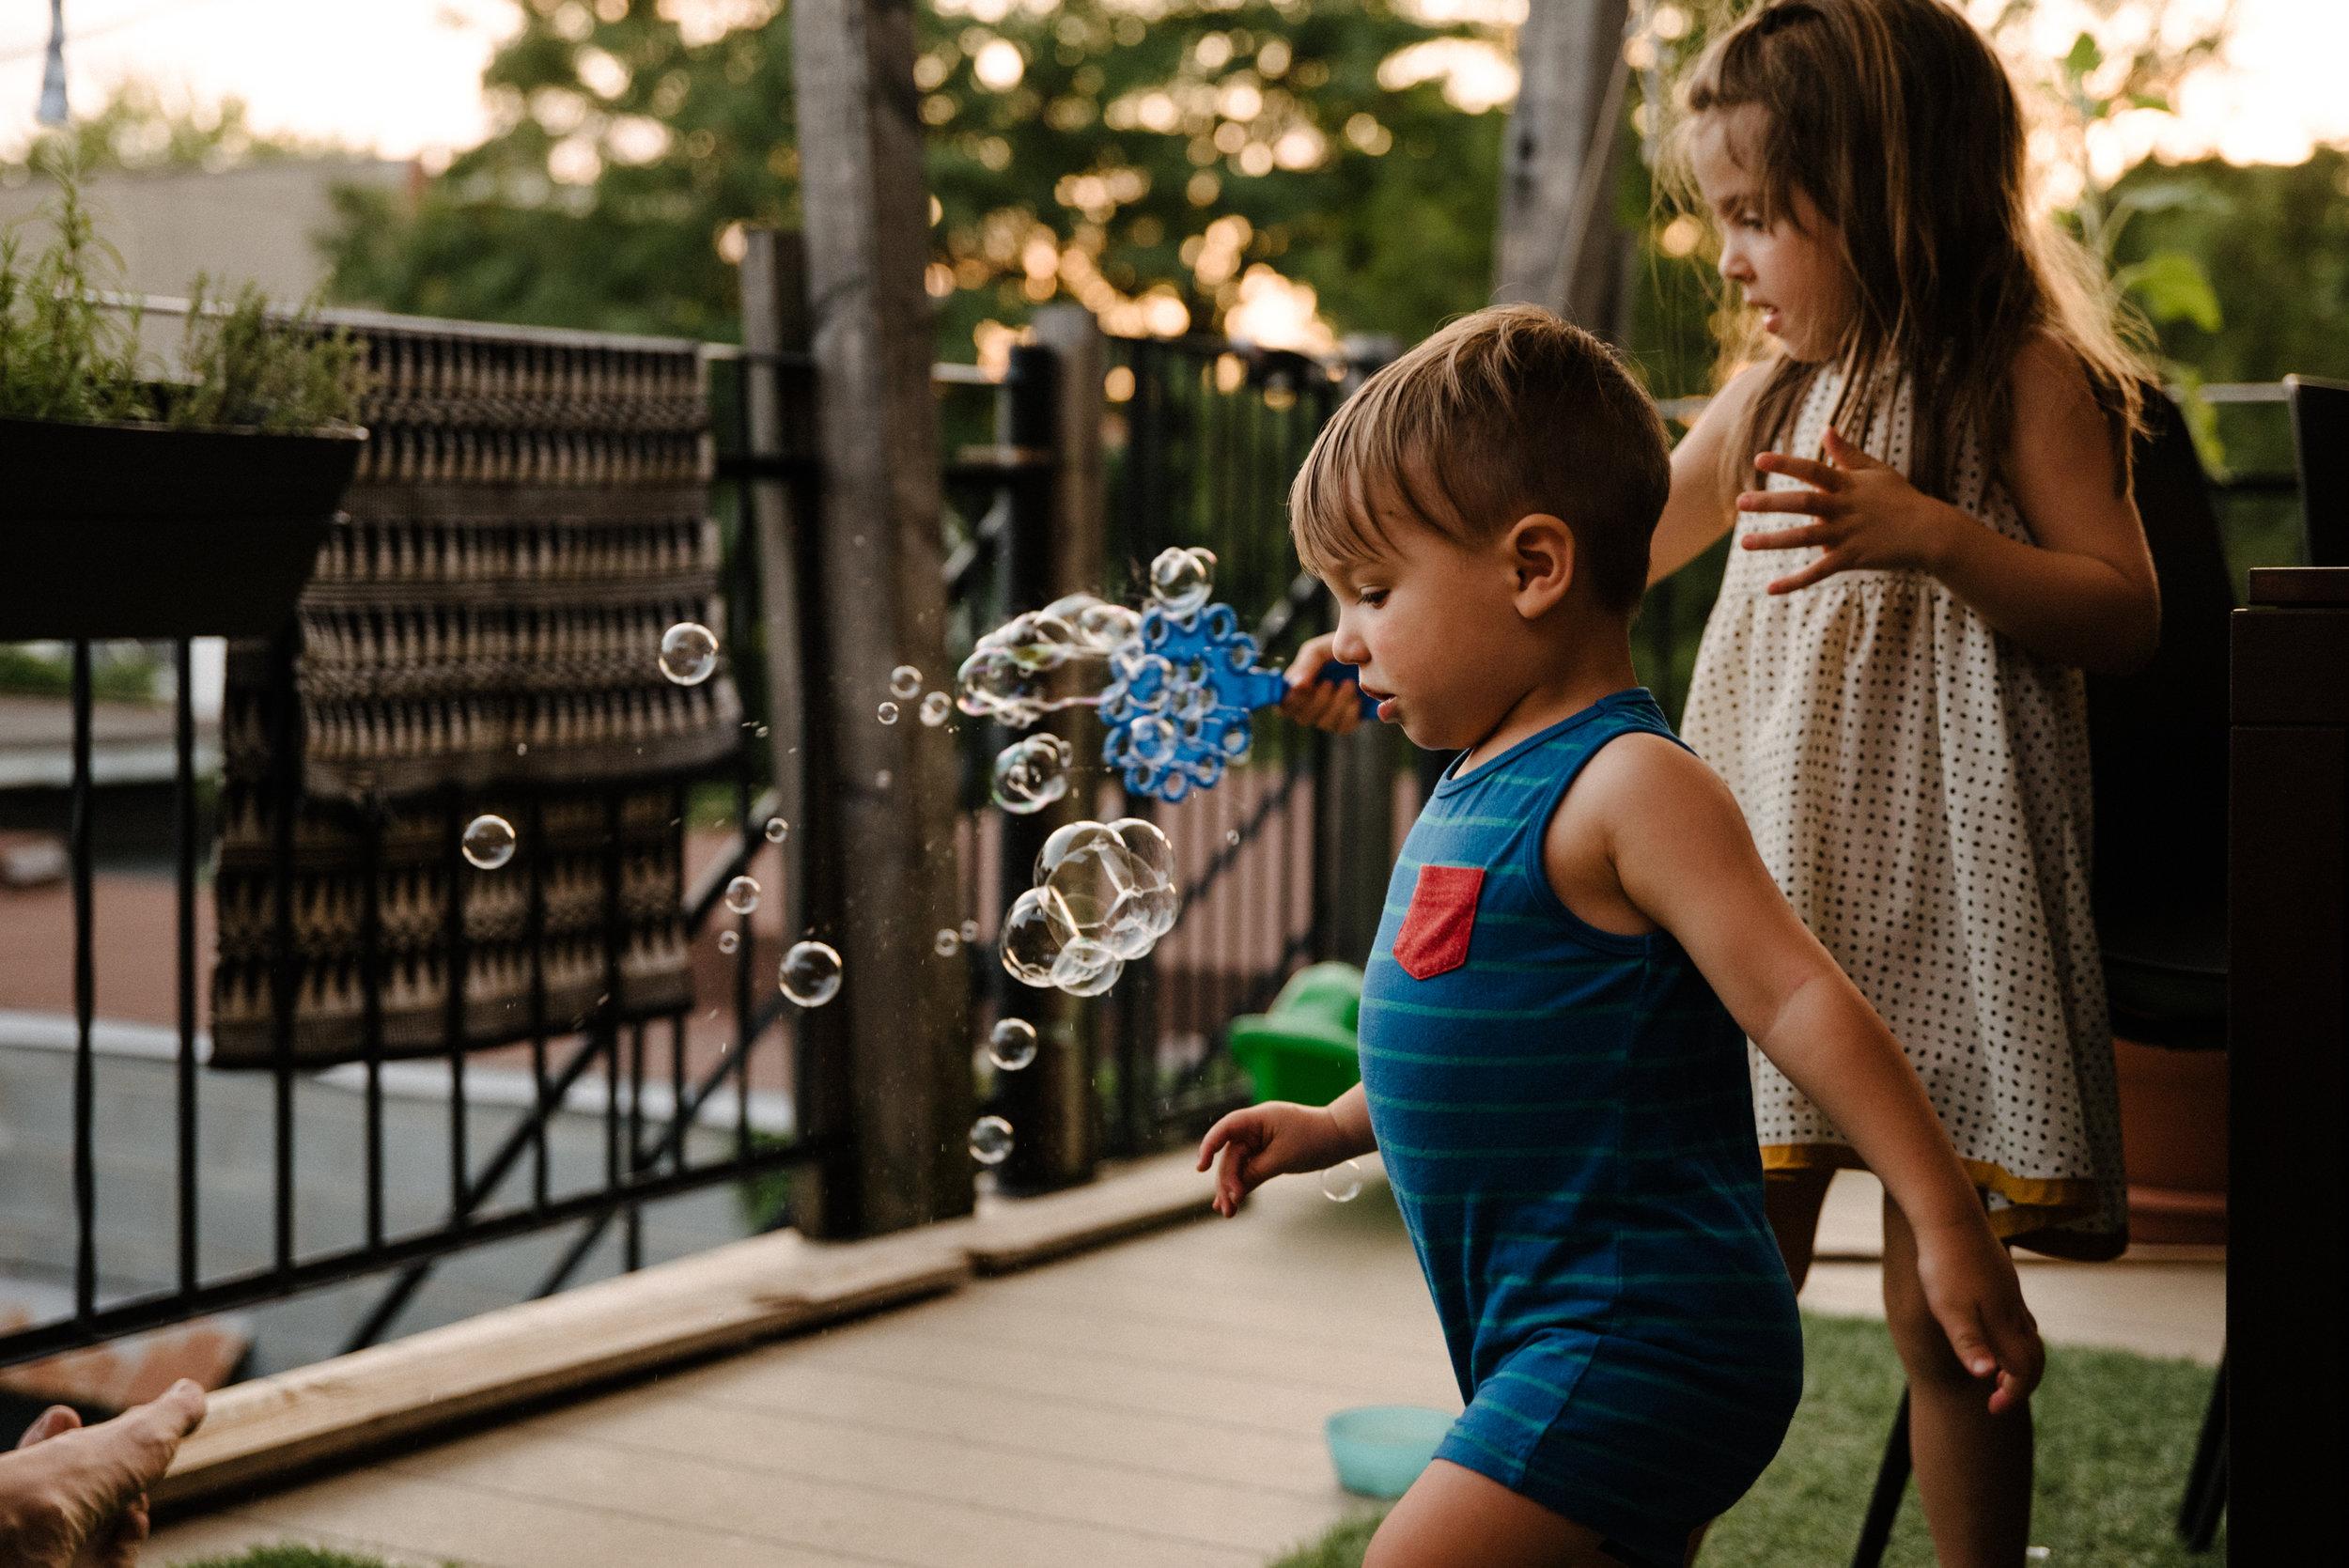 photo-d-enfants-qui-font-des-bulles-sur-un-balcon-montrealais-photographe-lifestyle-famille-et-nouveau-ne-a-montreal-marianne-charland-321.jpg